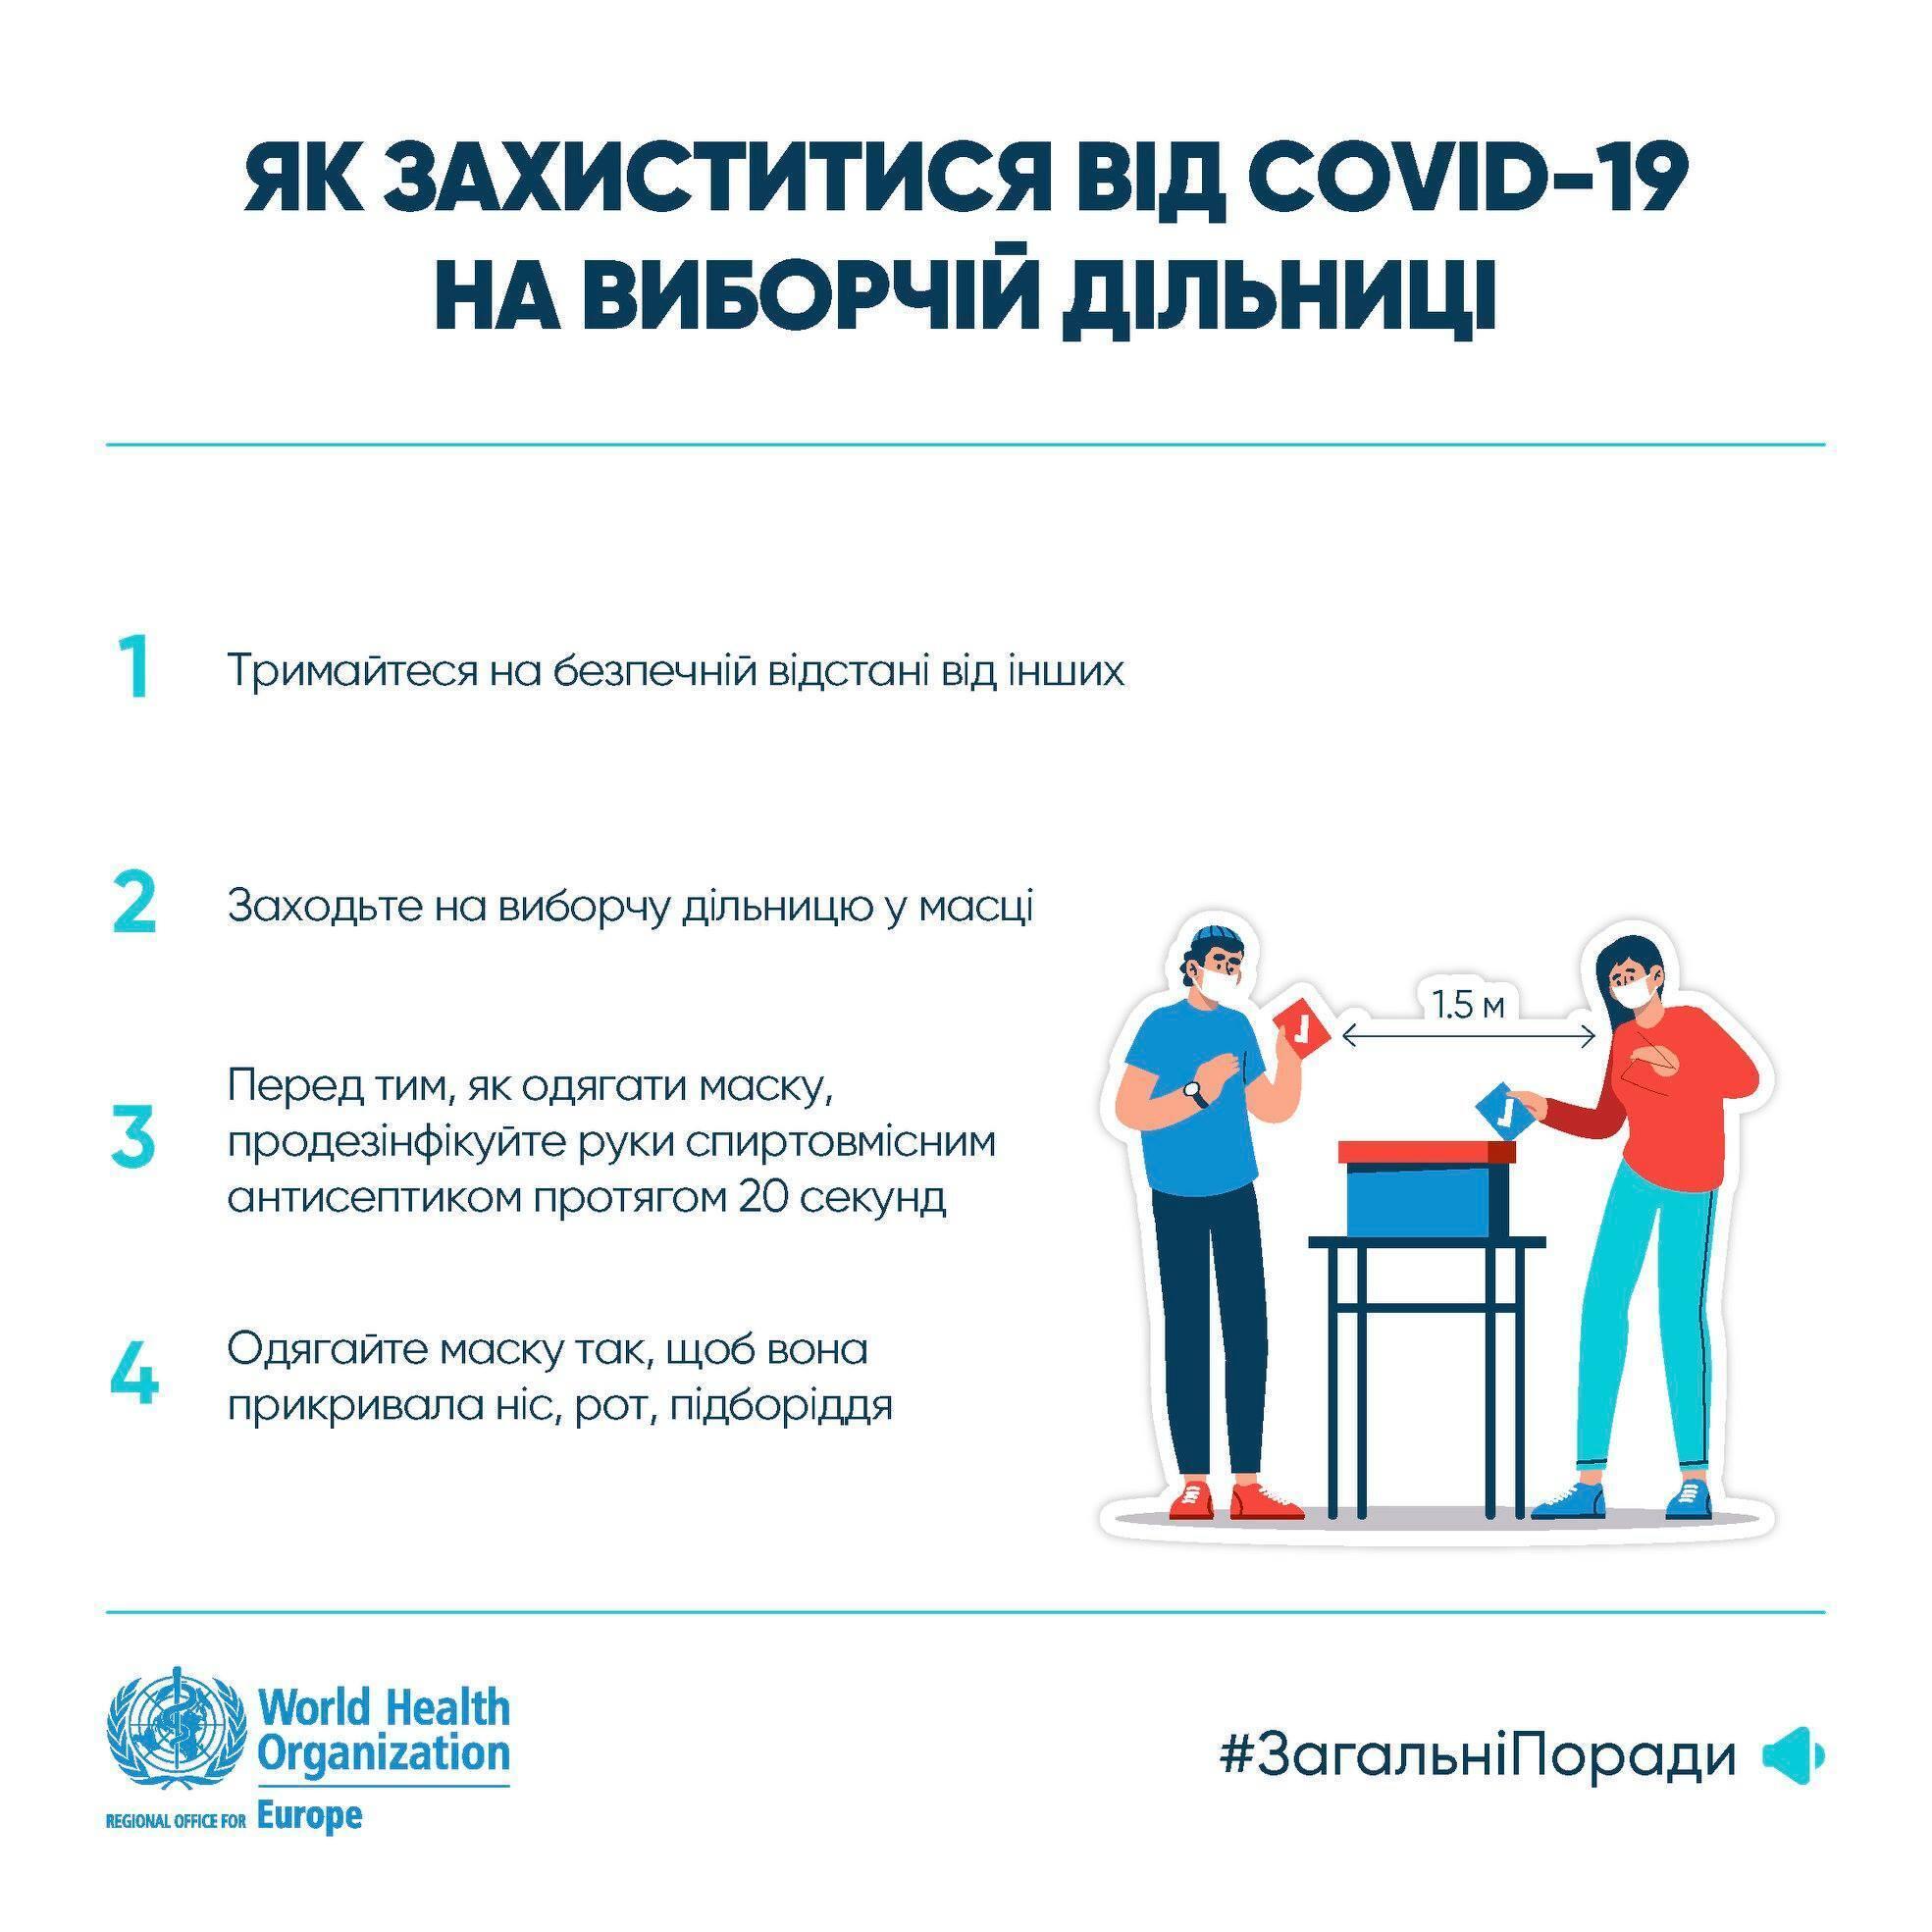 Правила безопасного голосования на выборах